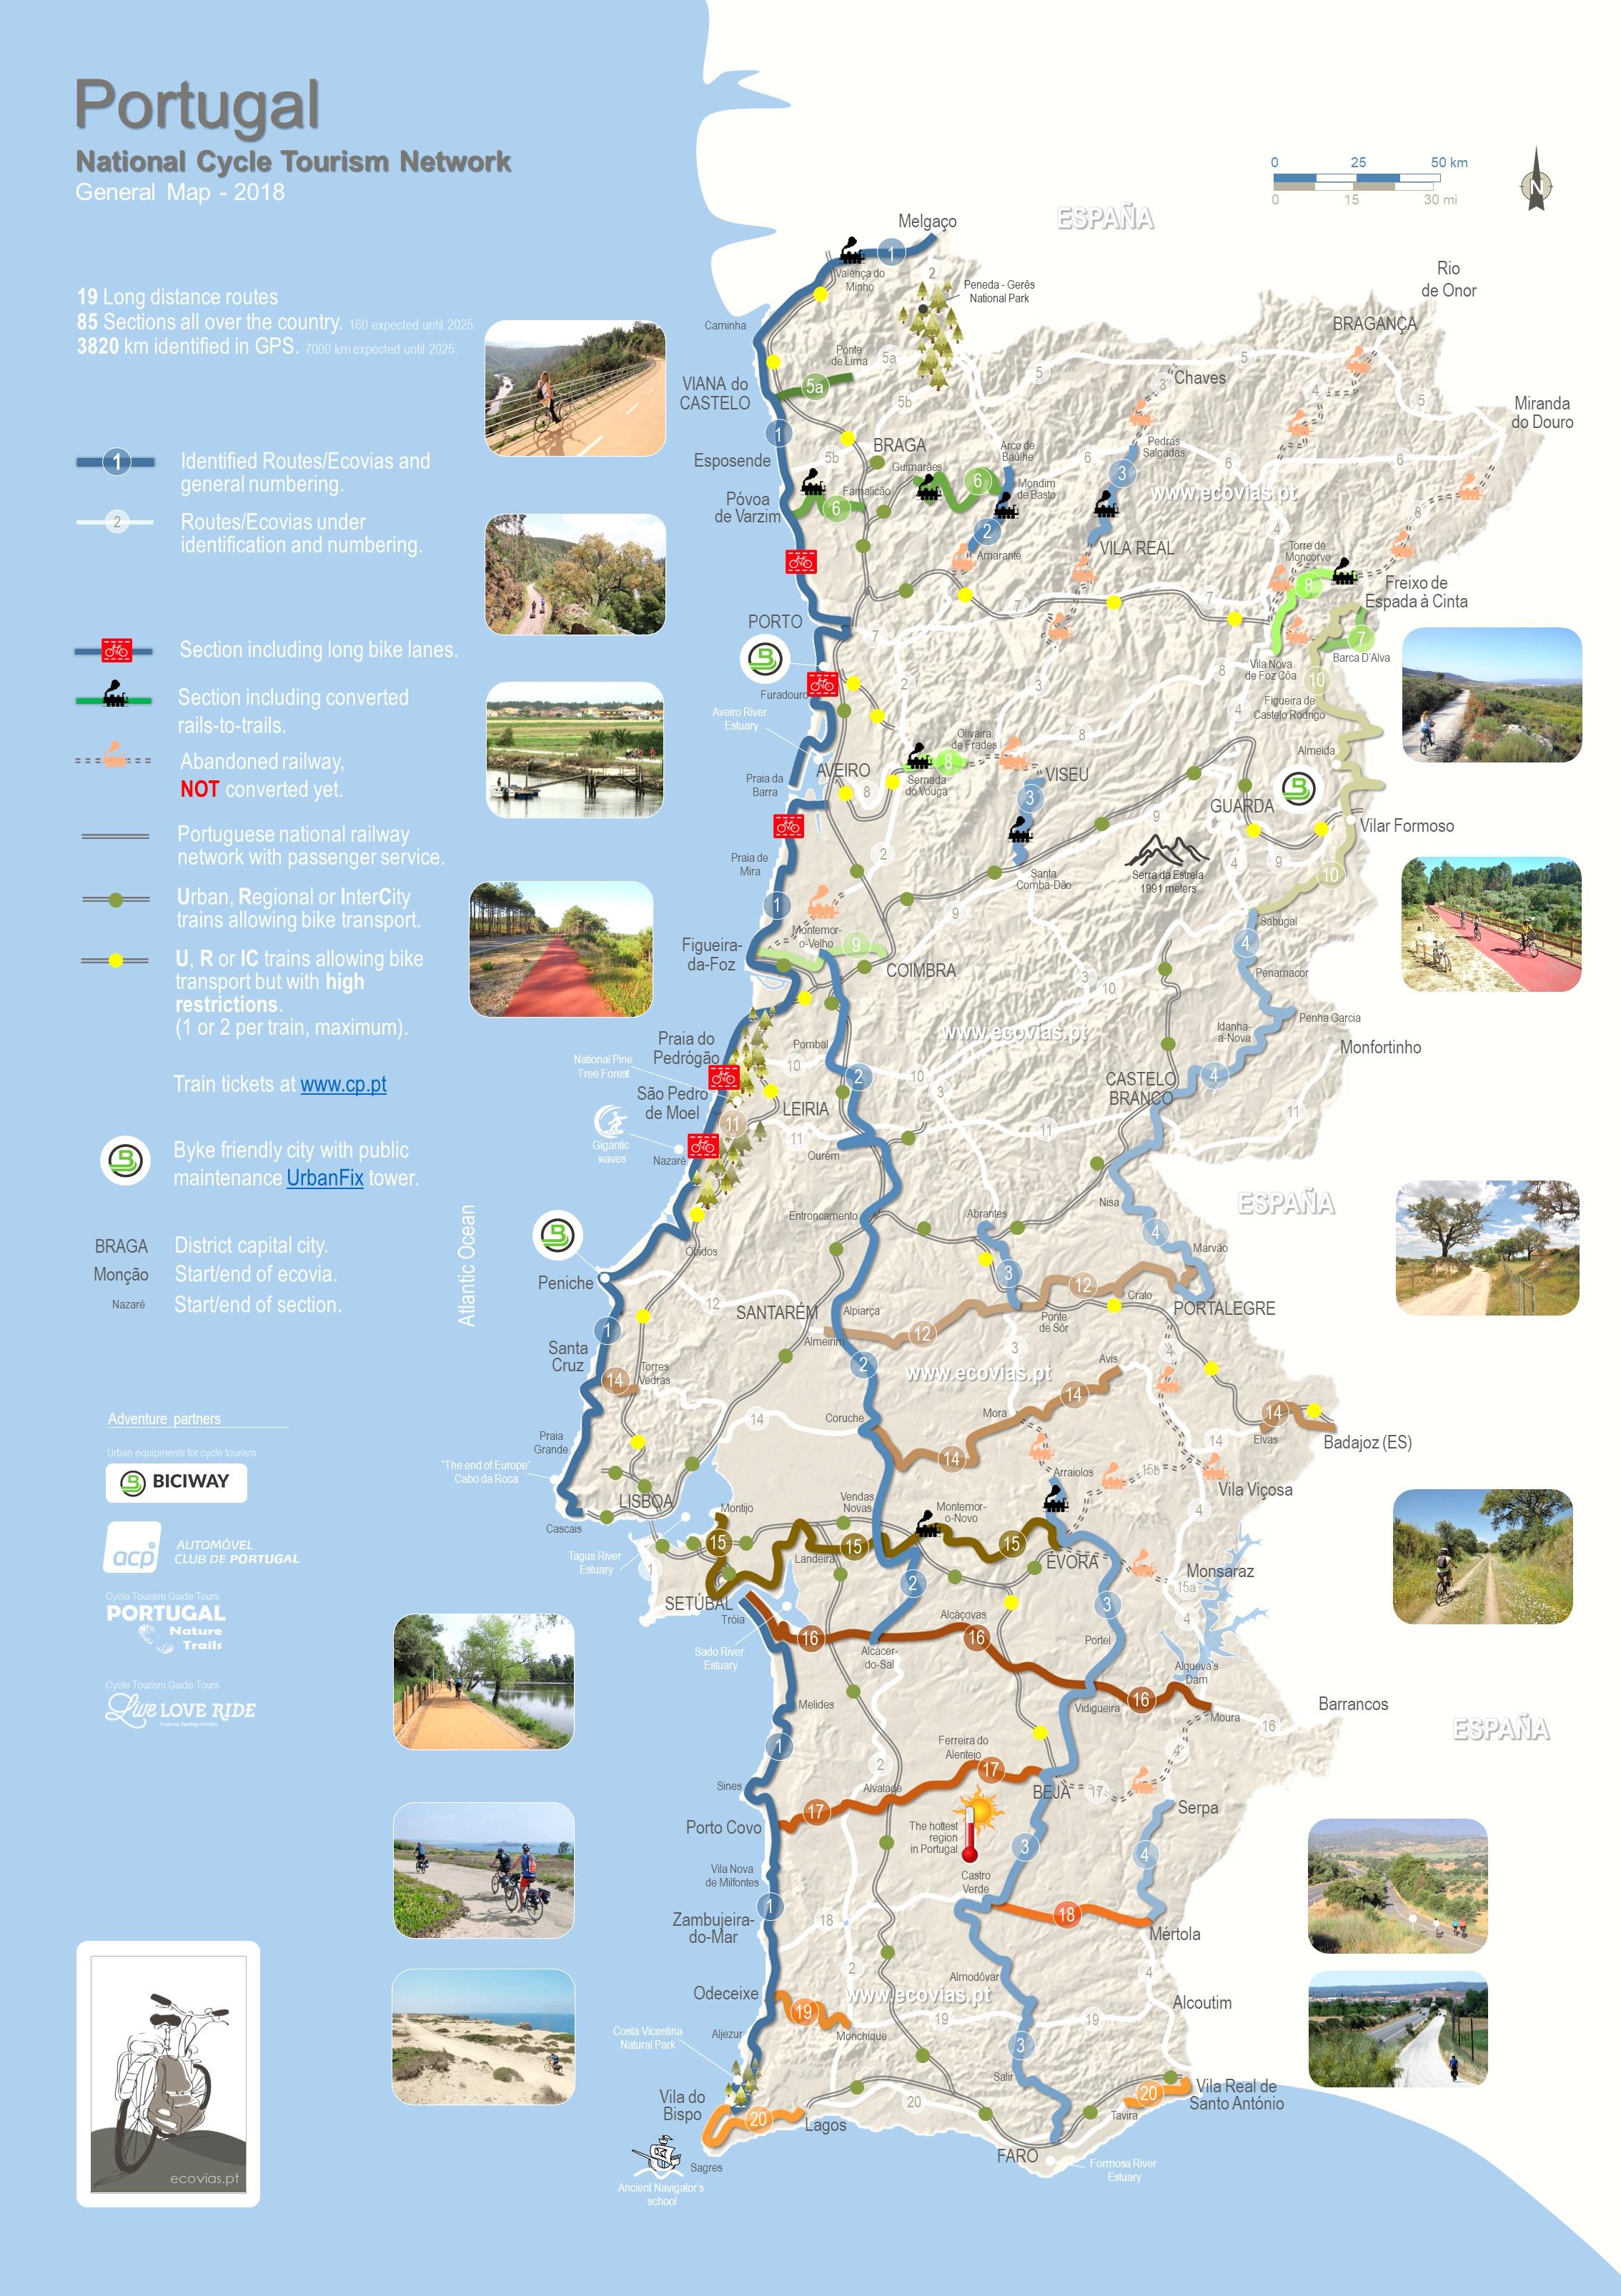 Mapa Geral 2018 da Rede Nacional de Cicloturismo